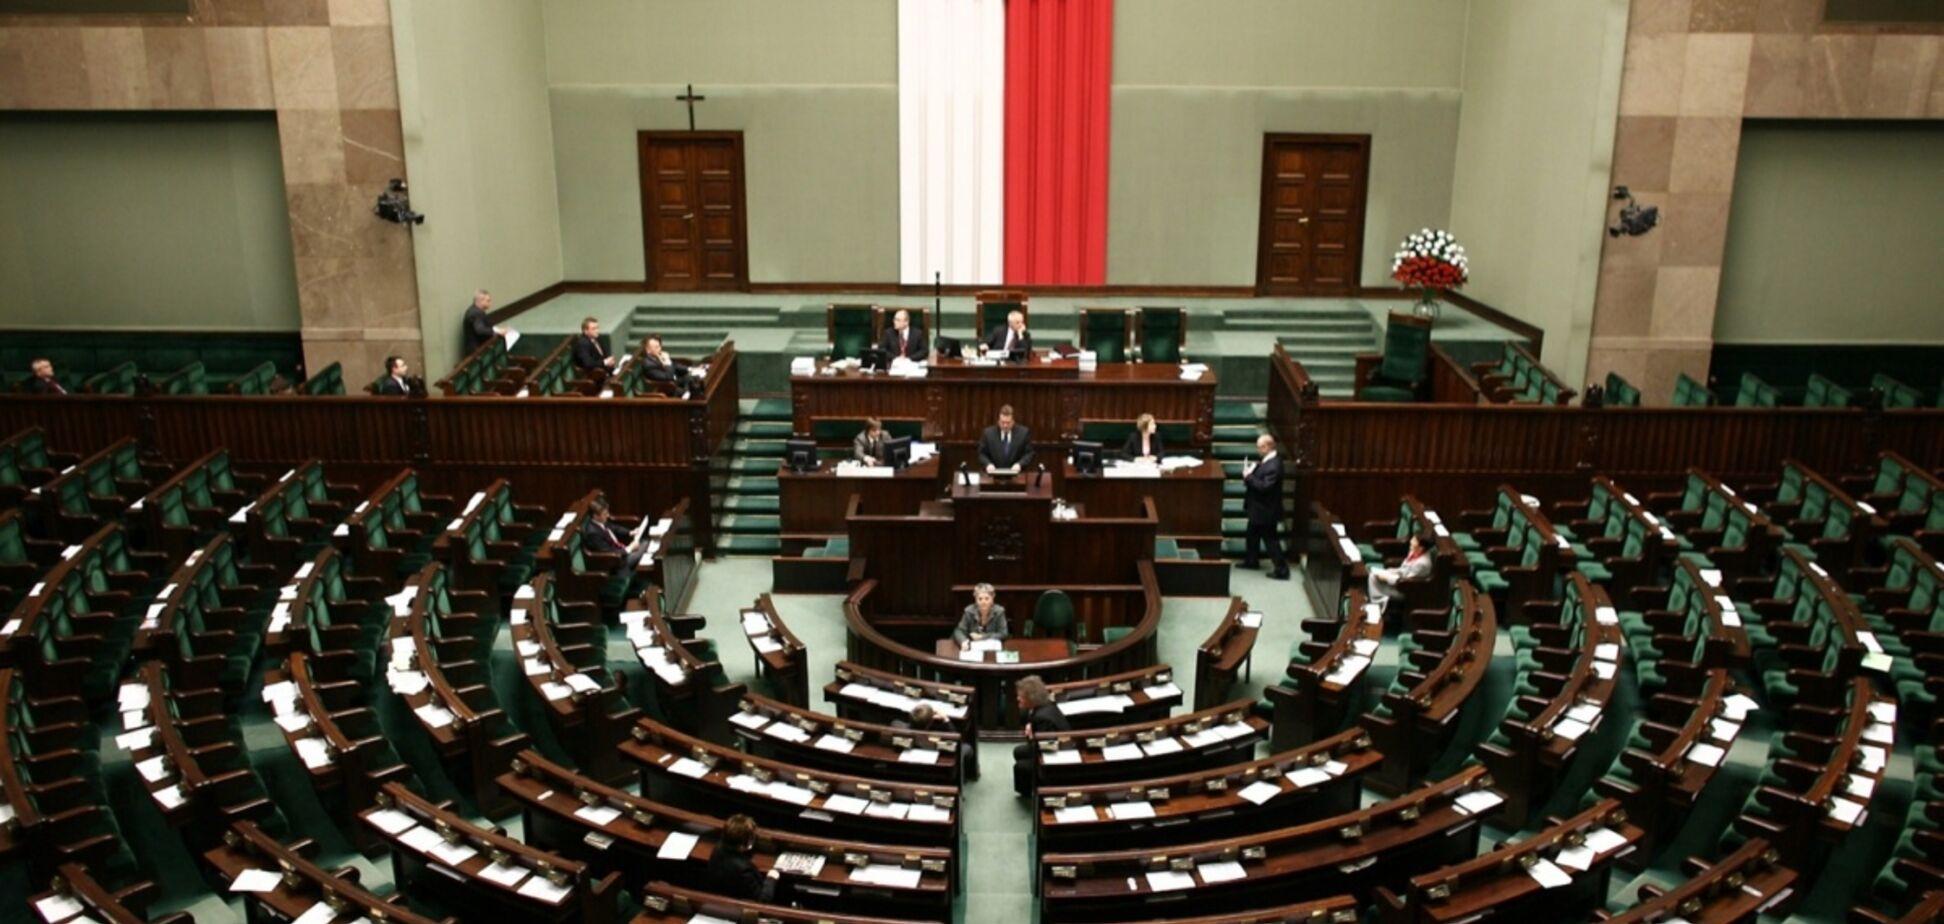 Поляки мають розуміти: сьогодні їм аплодує Москва, а завтра московський чобіт може топтати їхню землю